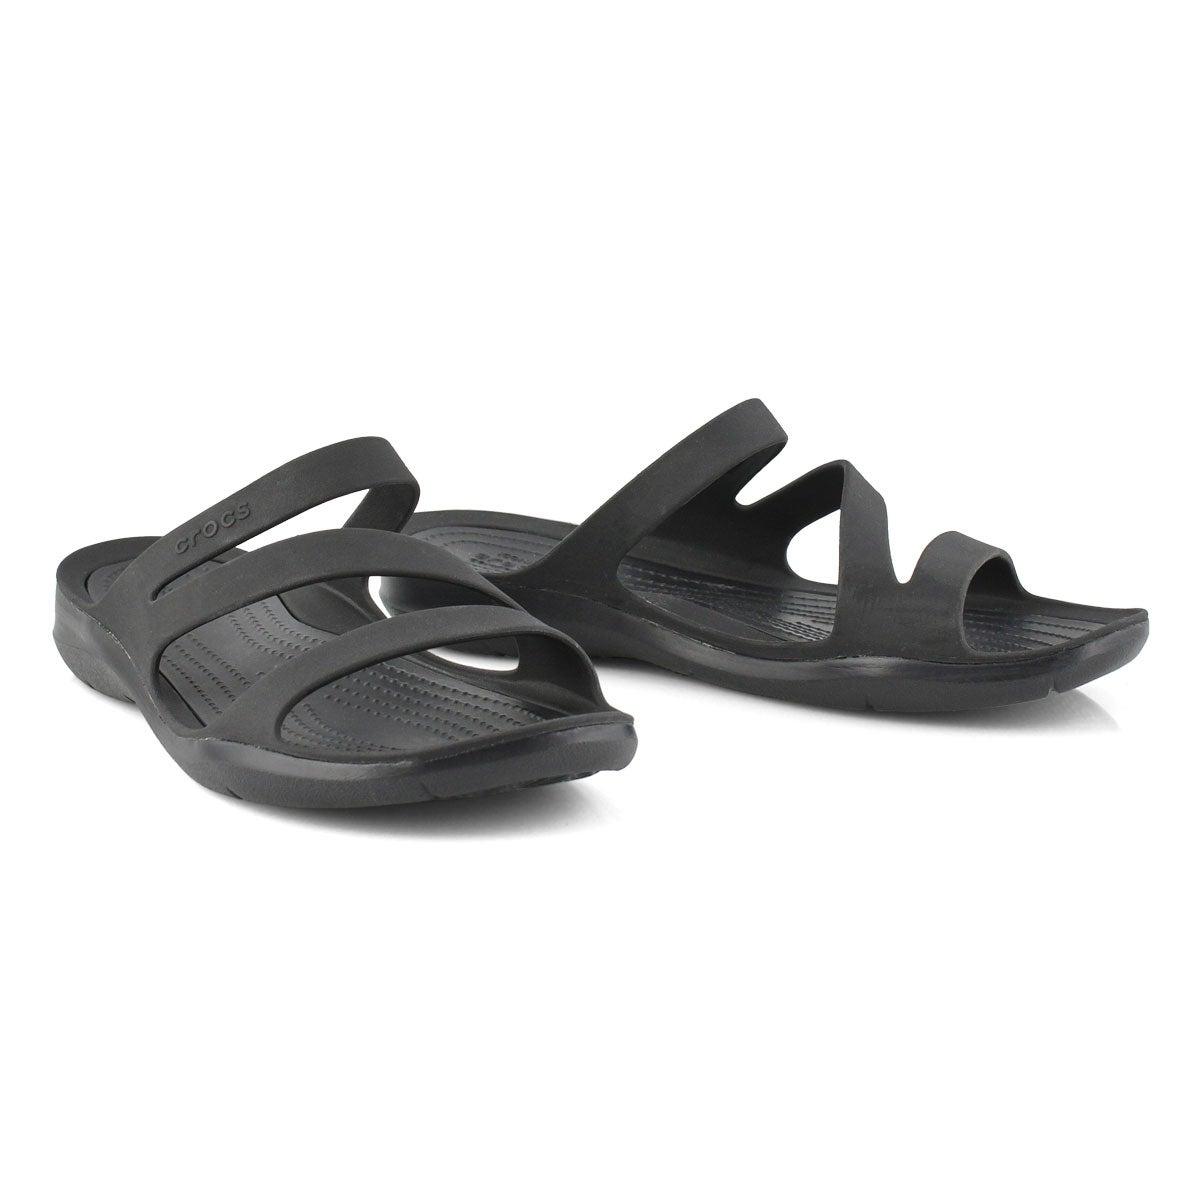 Sandale Swiftwater noir/noir femme